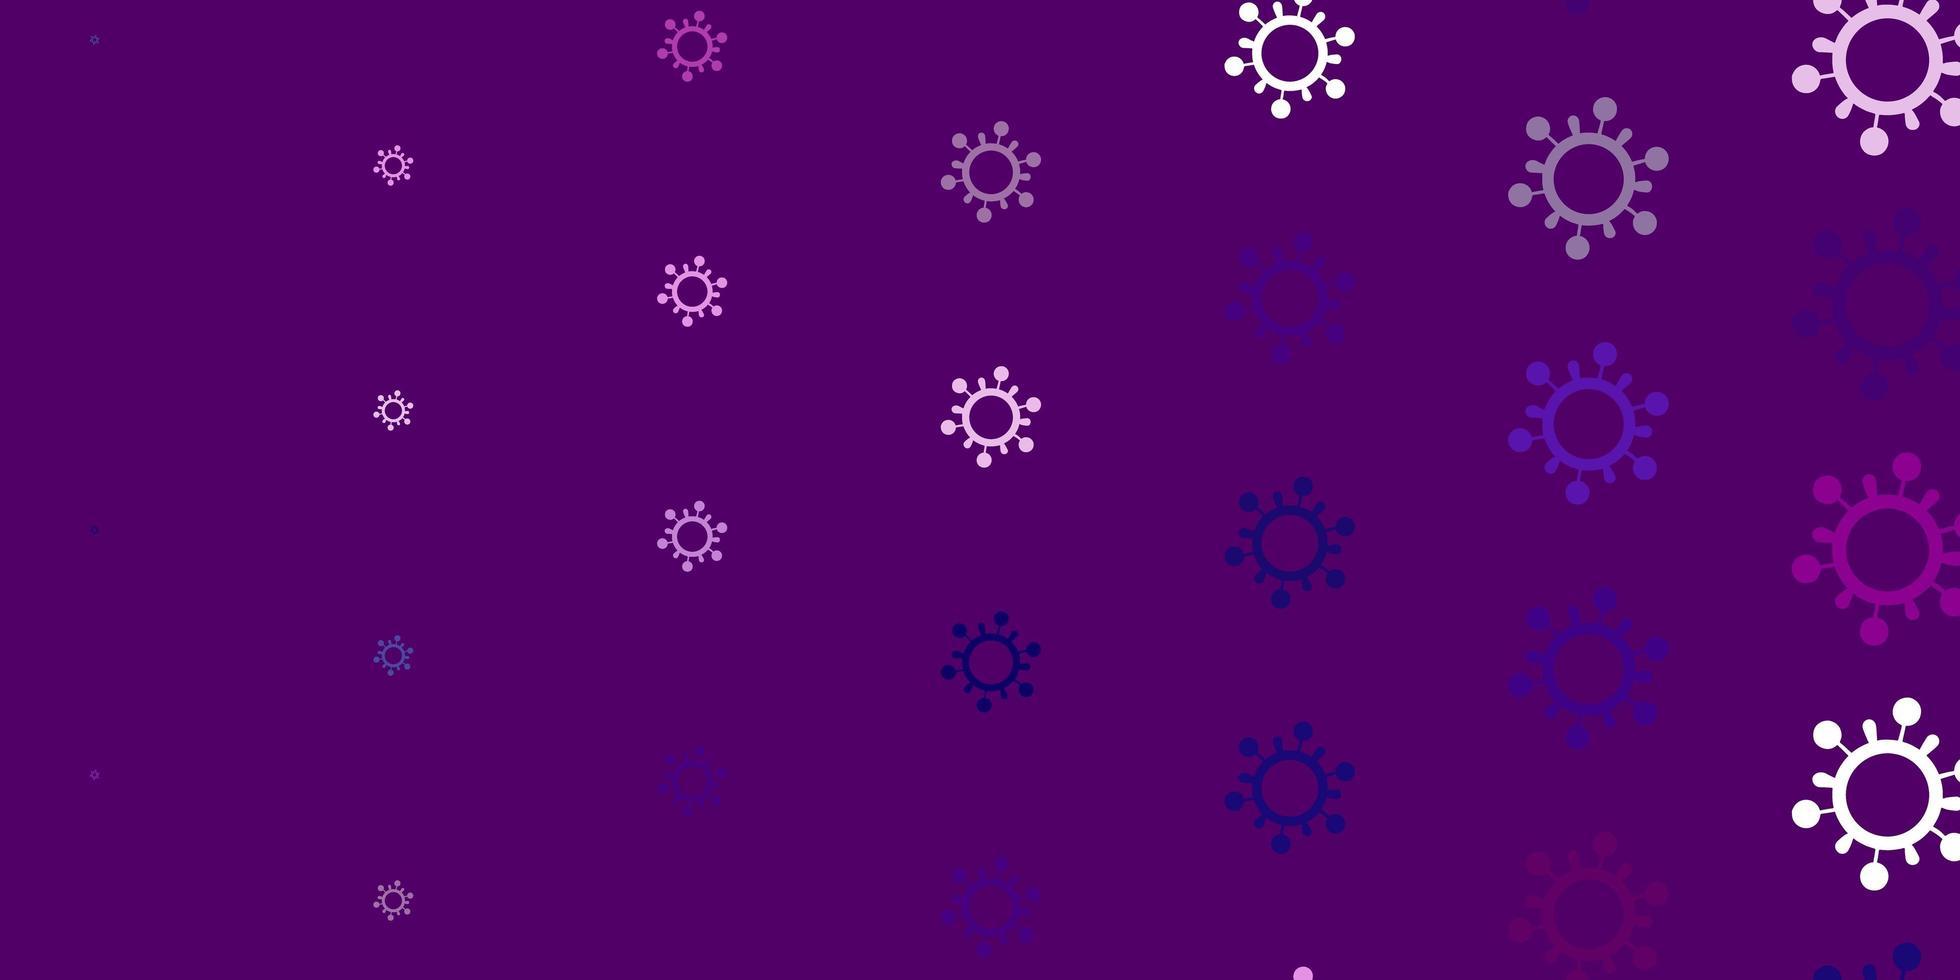 toile de fond de vecteur rose clair avec des symboles de virus.